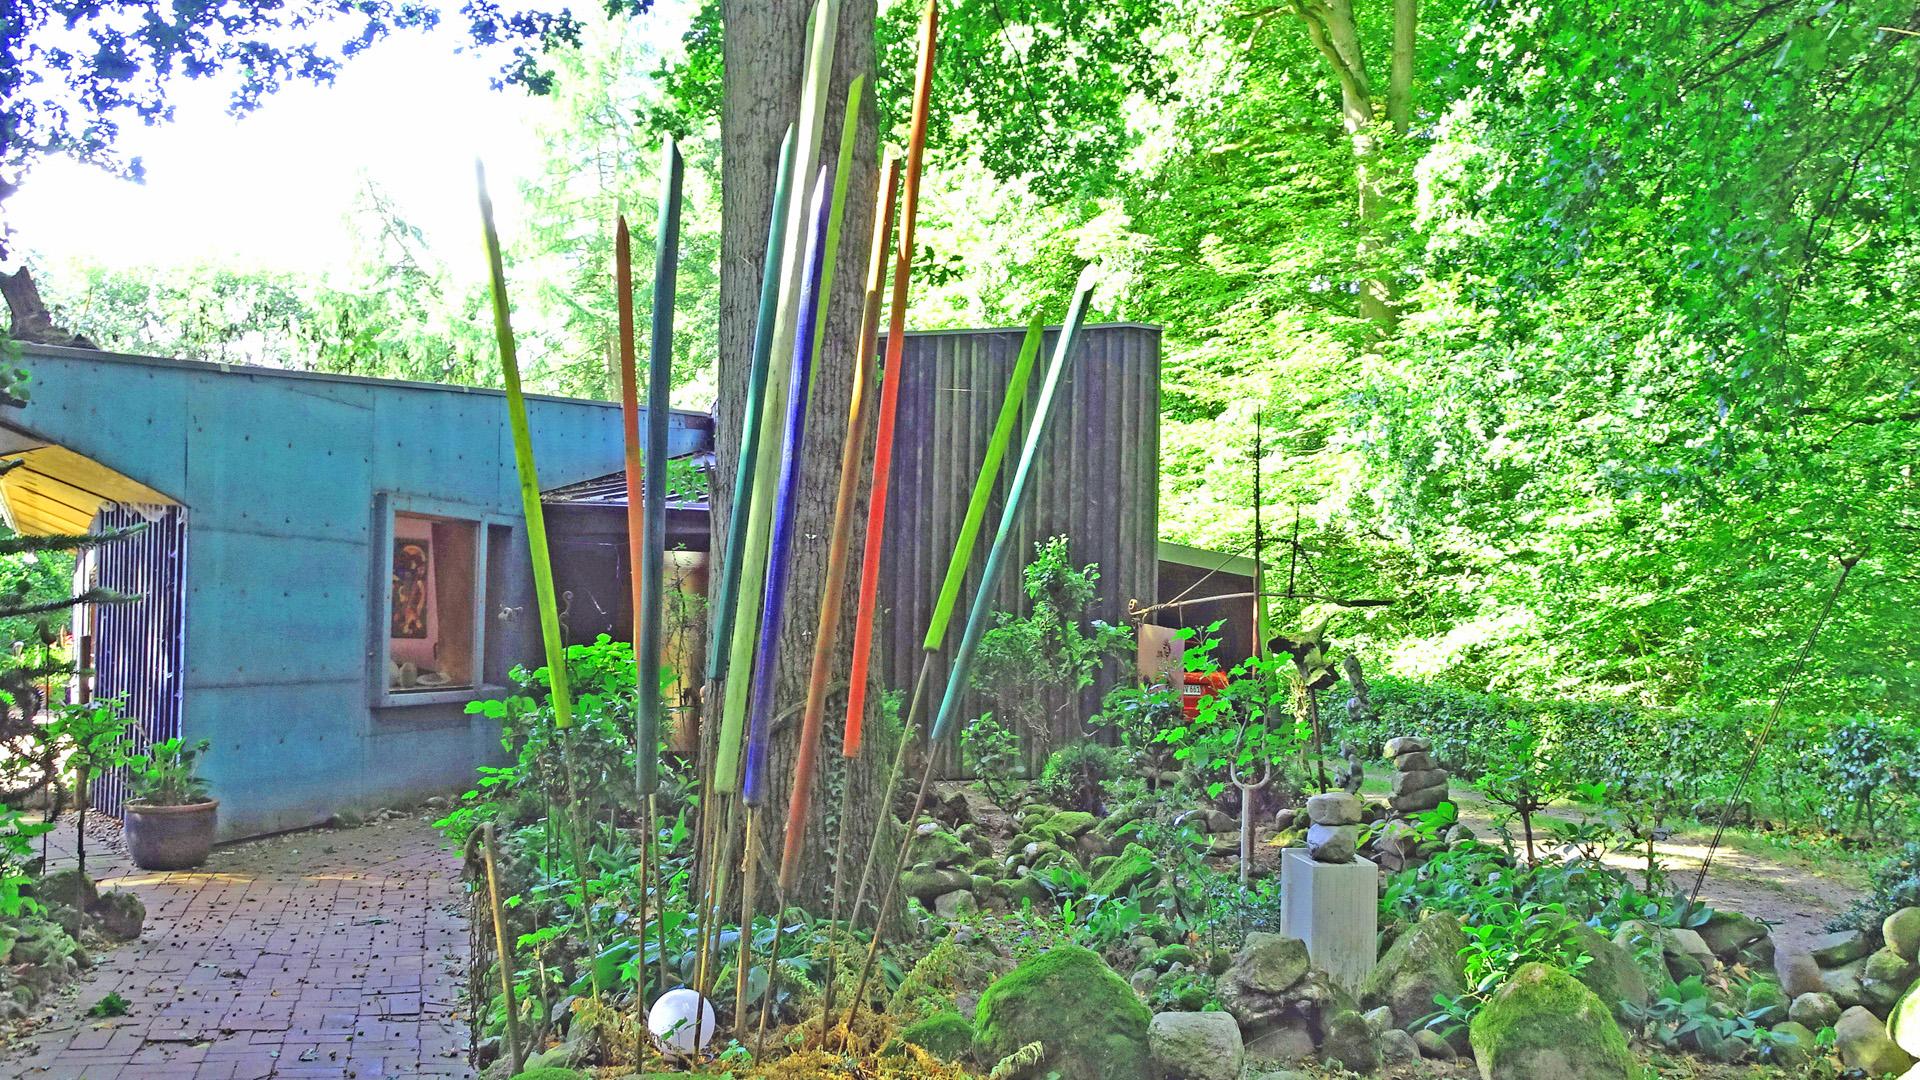 Der Kunstgarten Wolter am Randes des Waldes